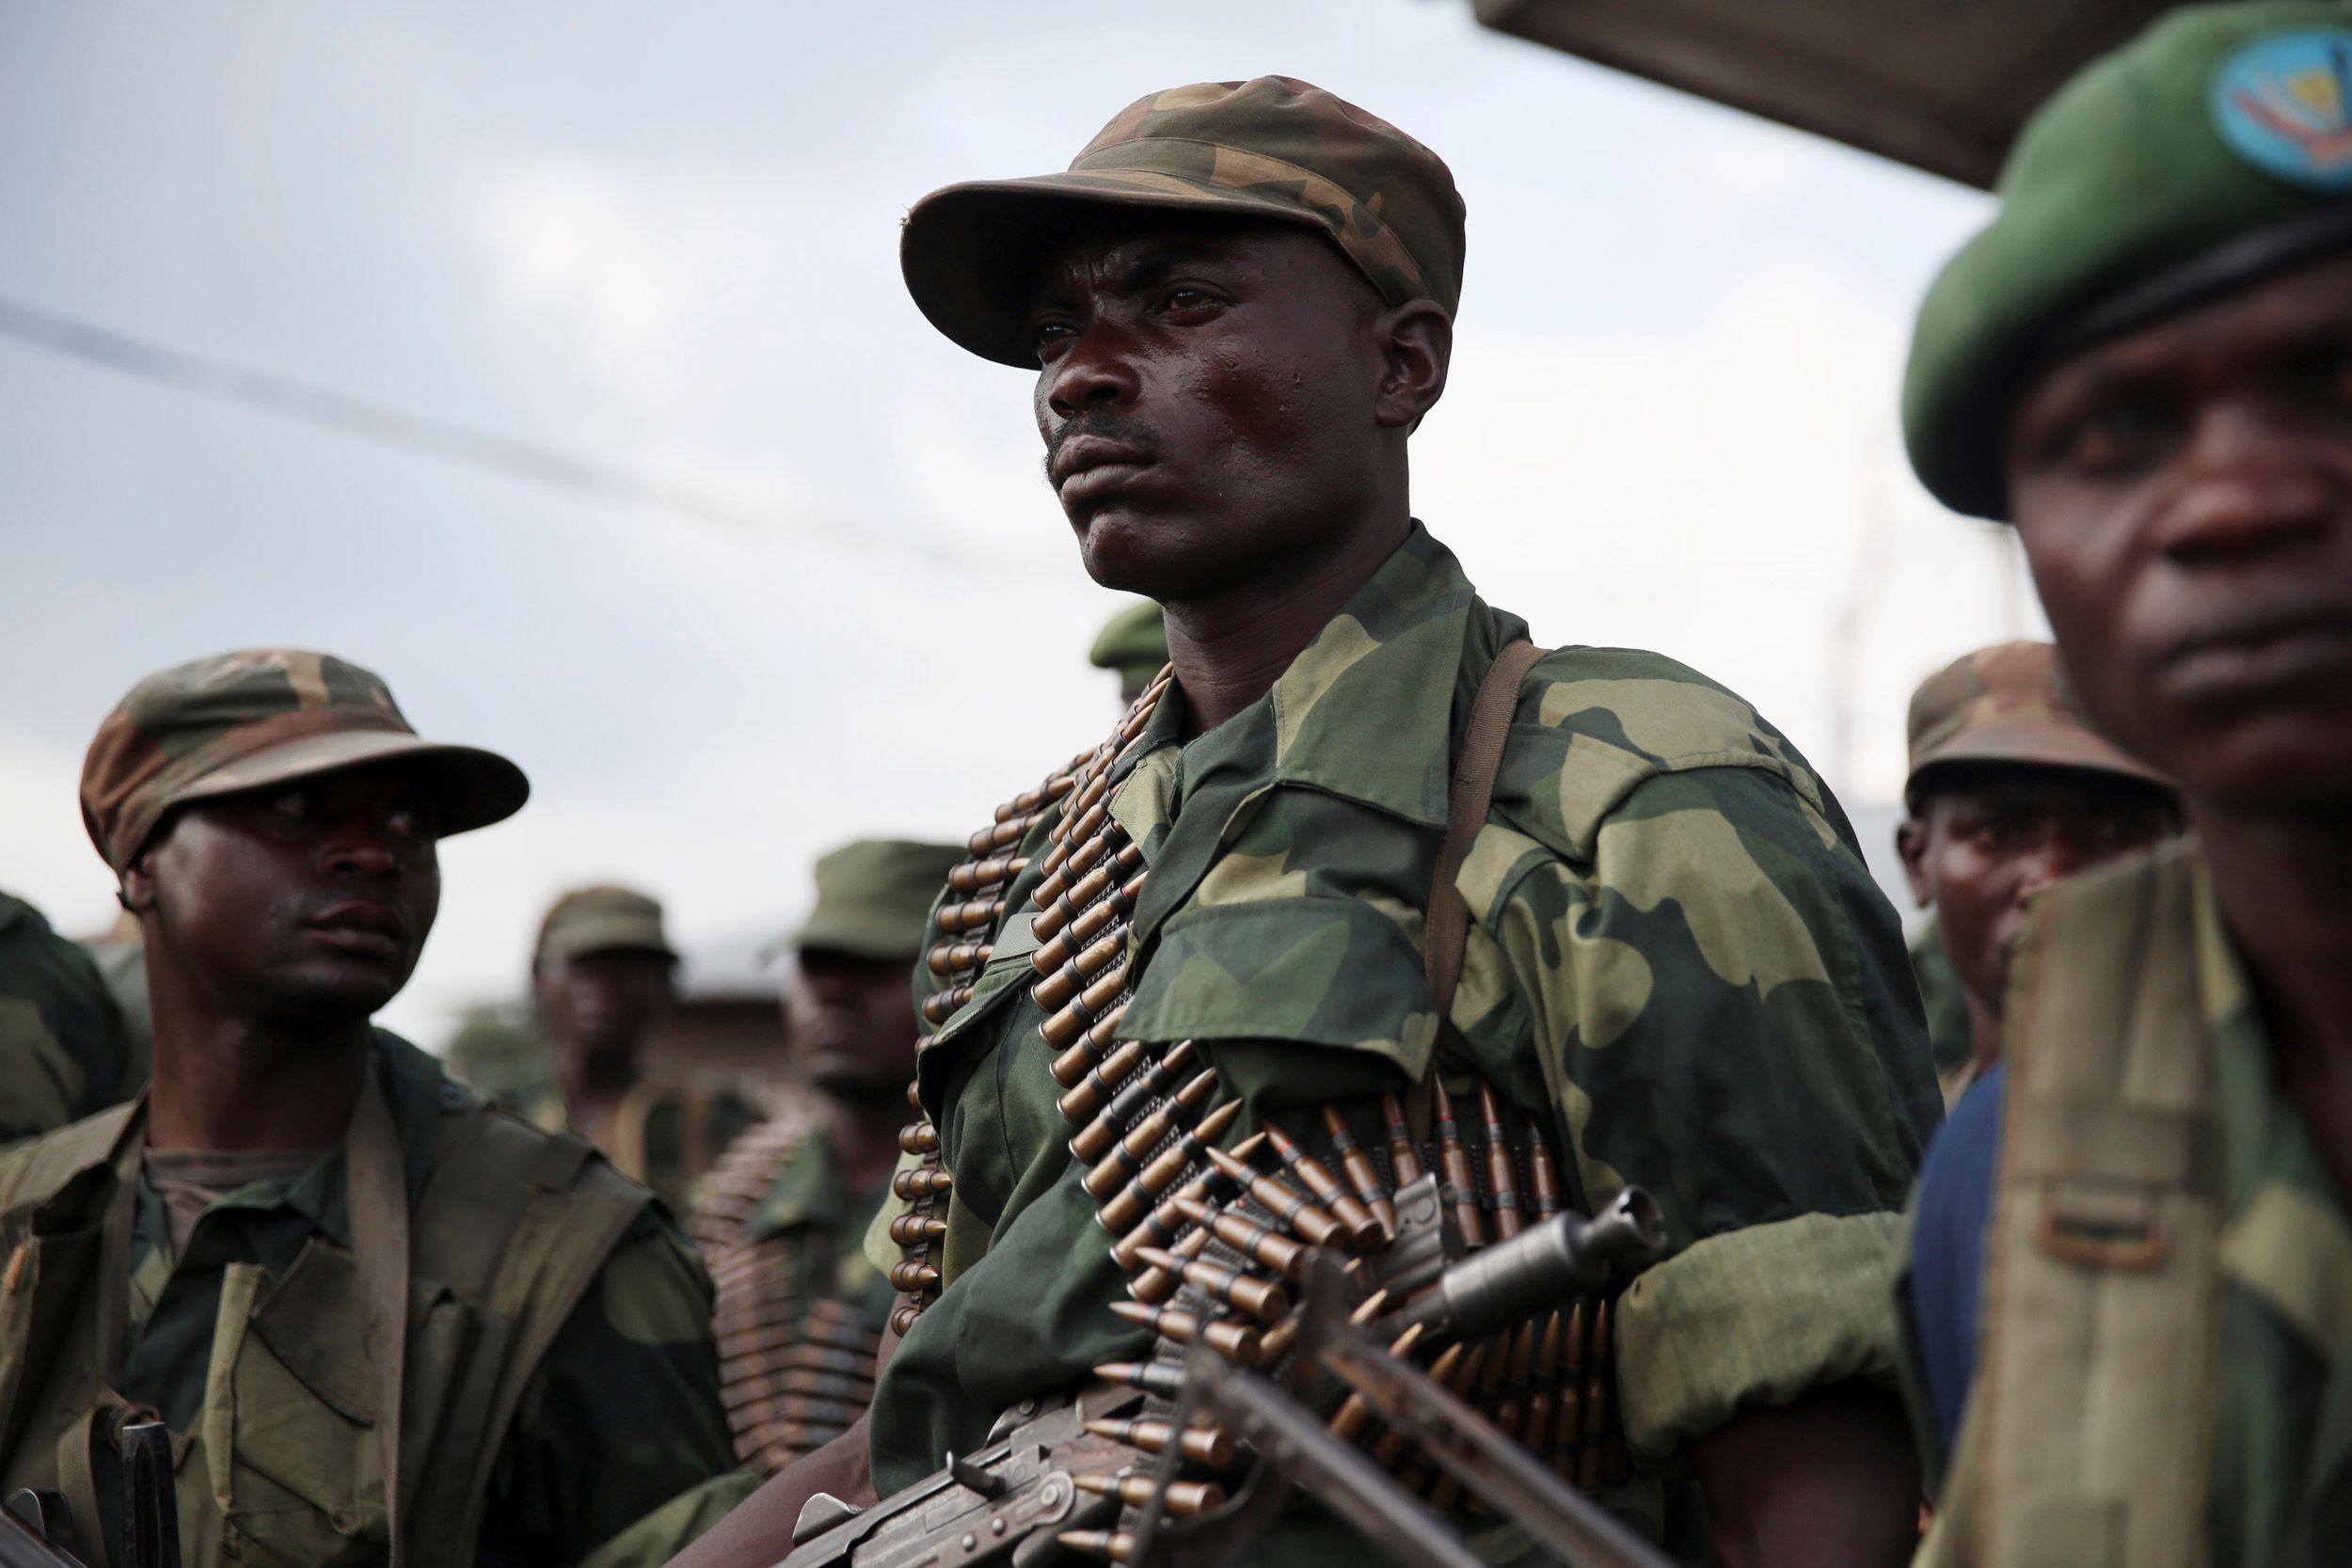 Pourquoi aider militairement la République démocratique du Congo ne lui rend pas service